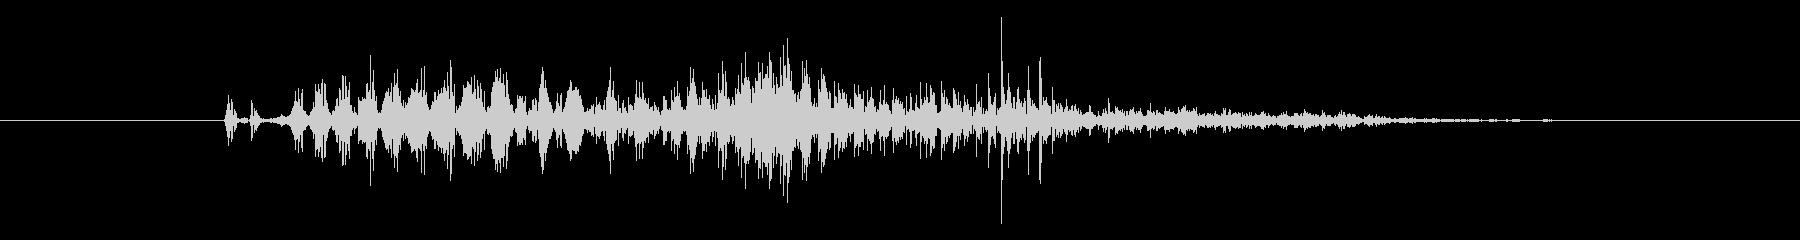 モンスター ハイヒット01の未再生の波形